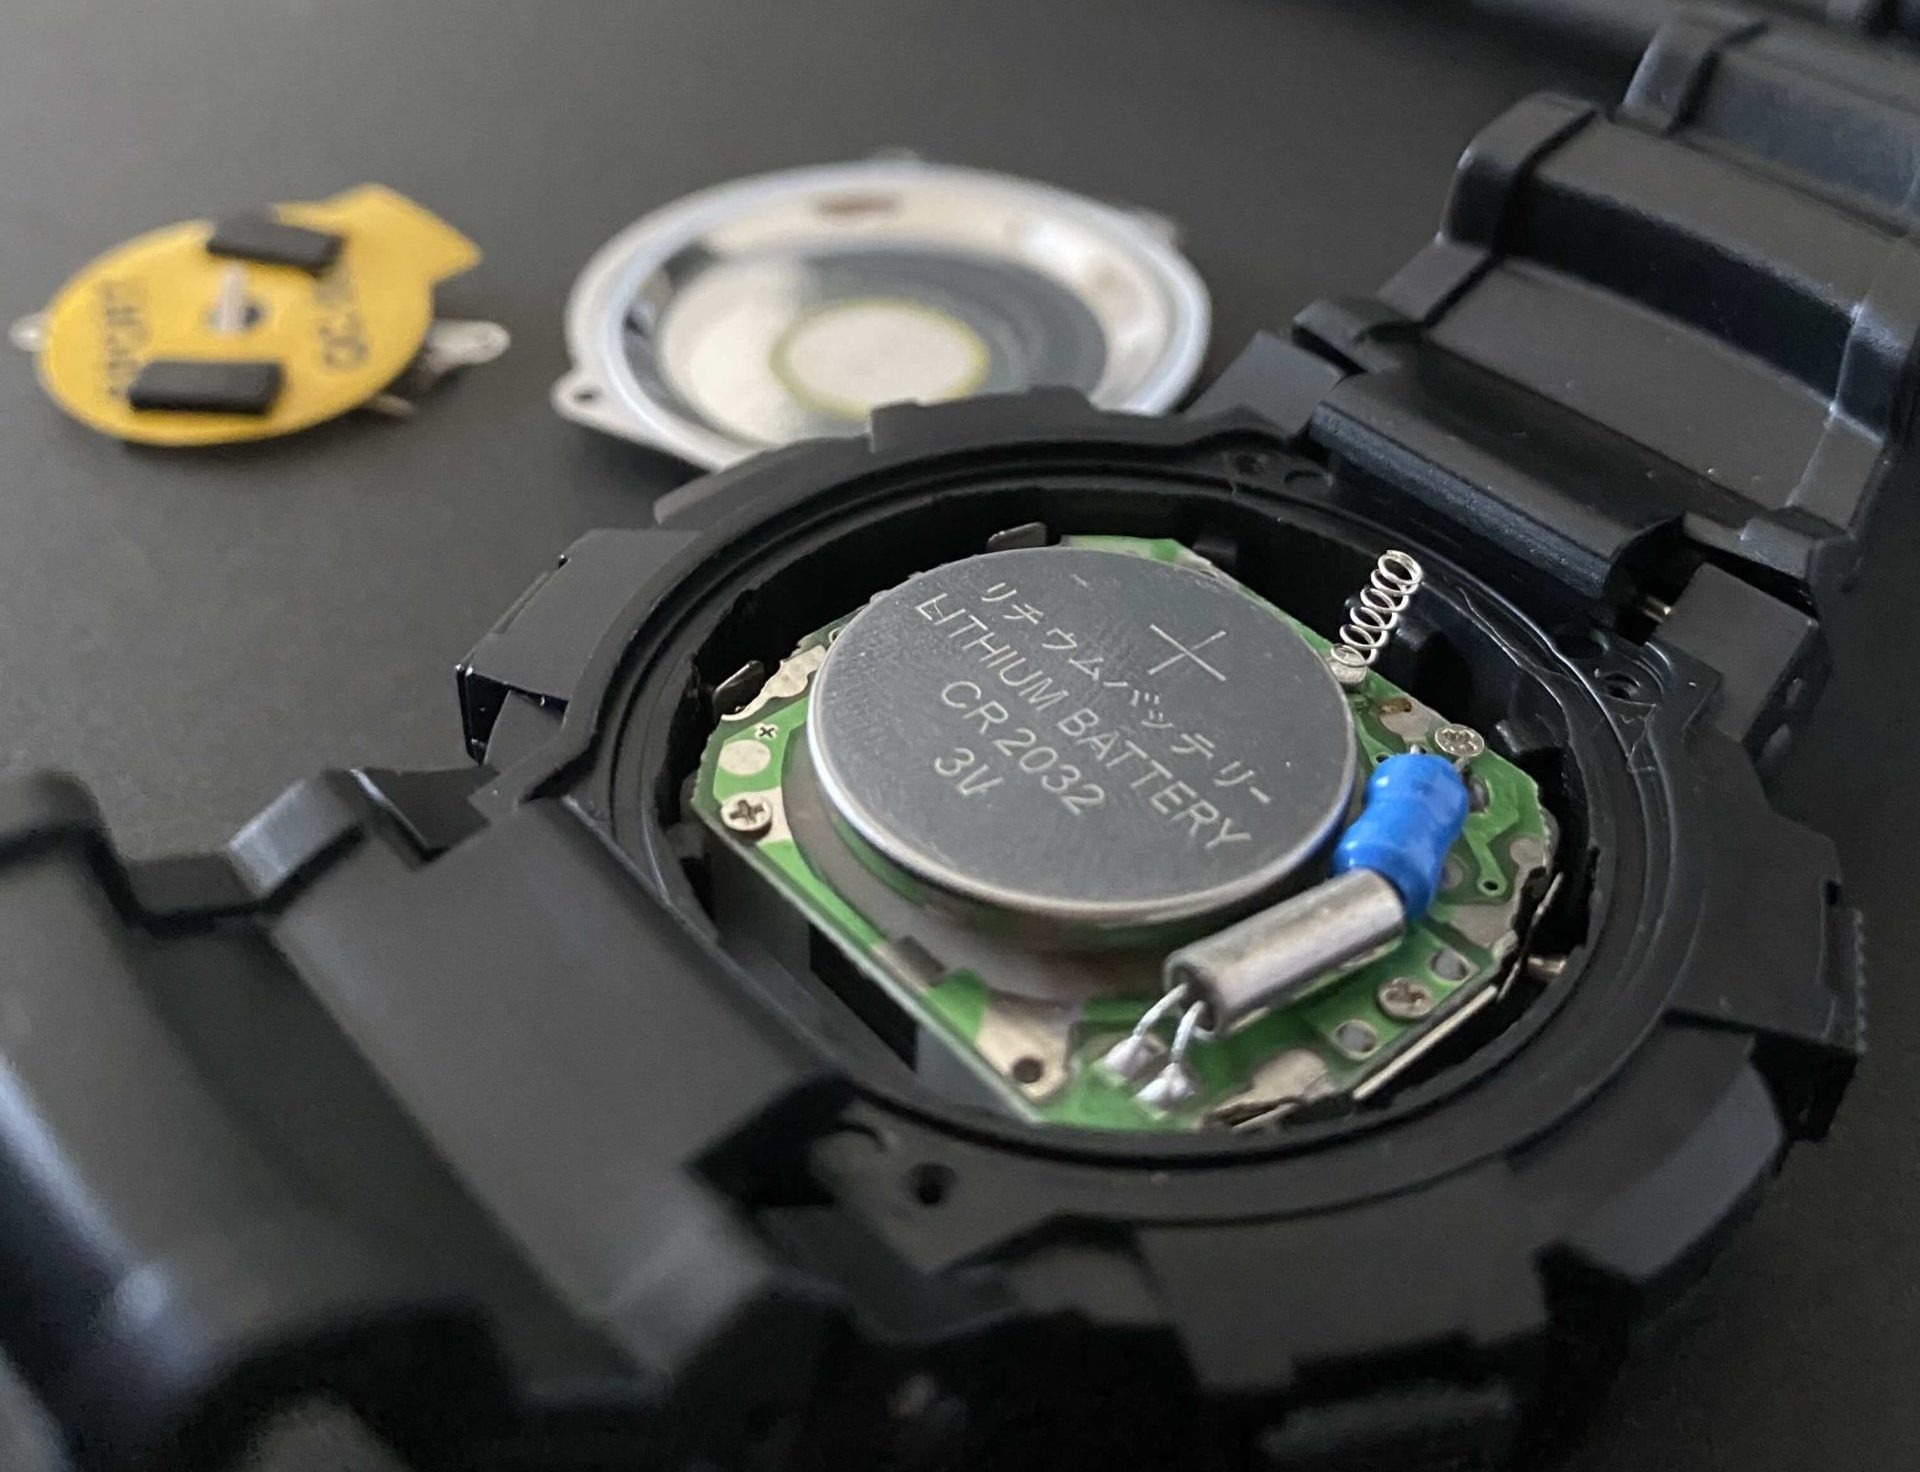 ダイソー腕時計のCR2032を電池交換していく